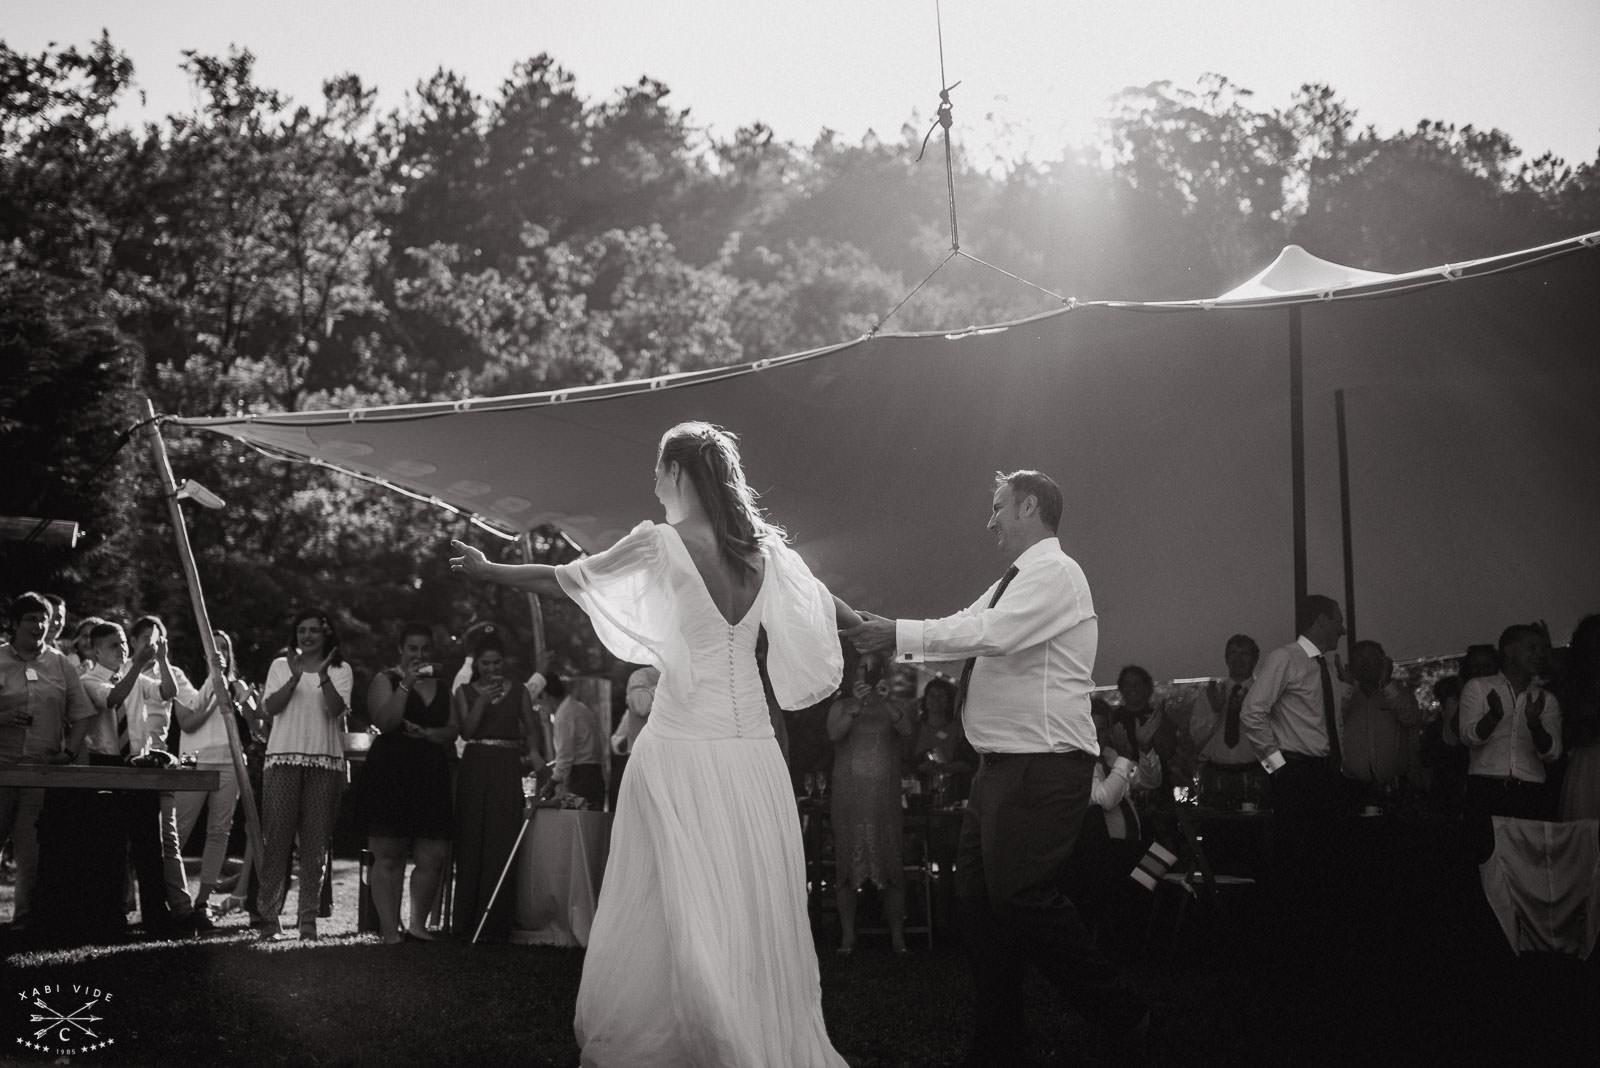 fotografo de bodas en bilbao-139